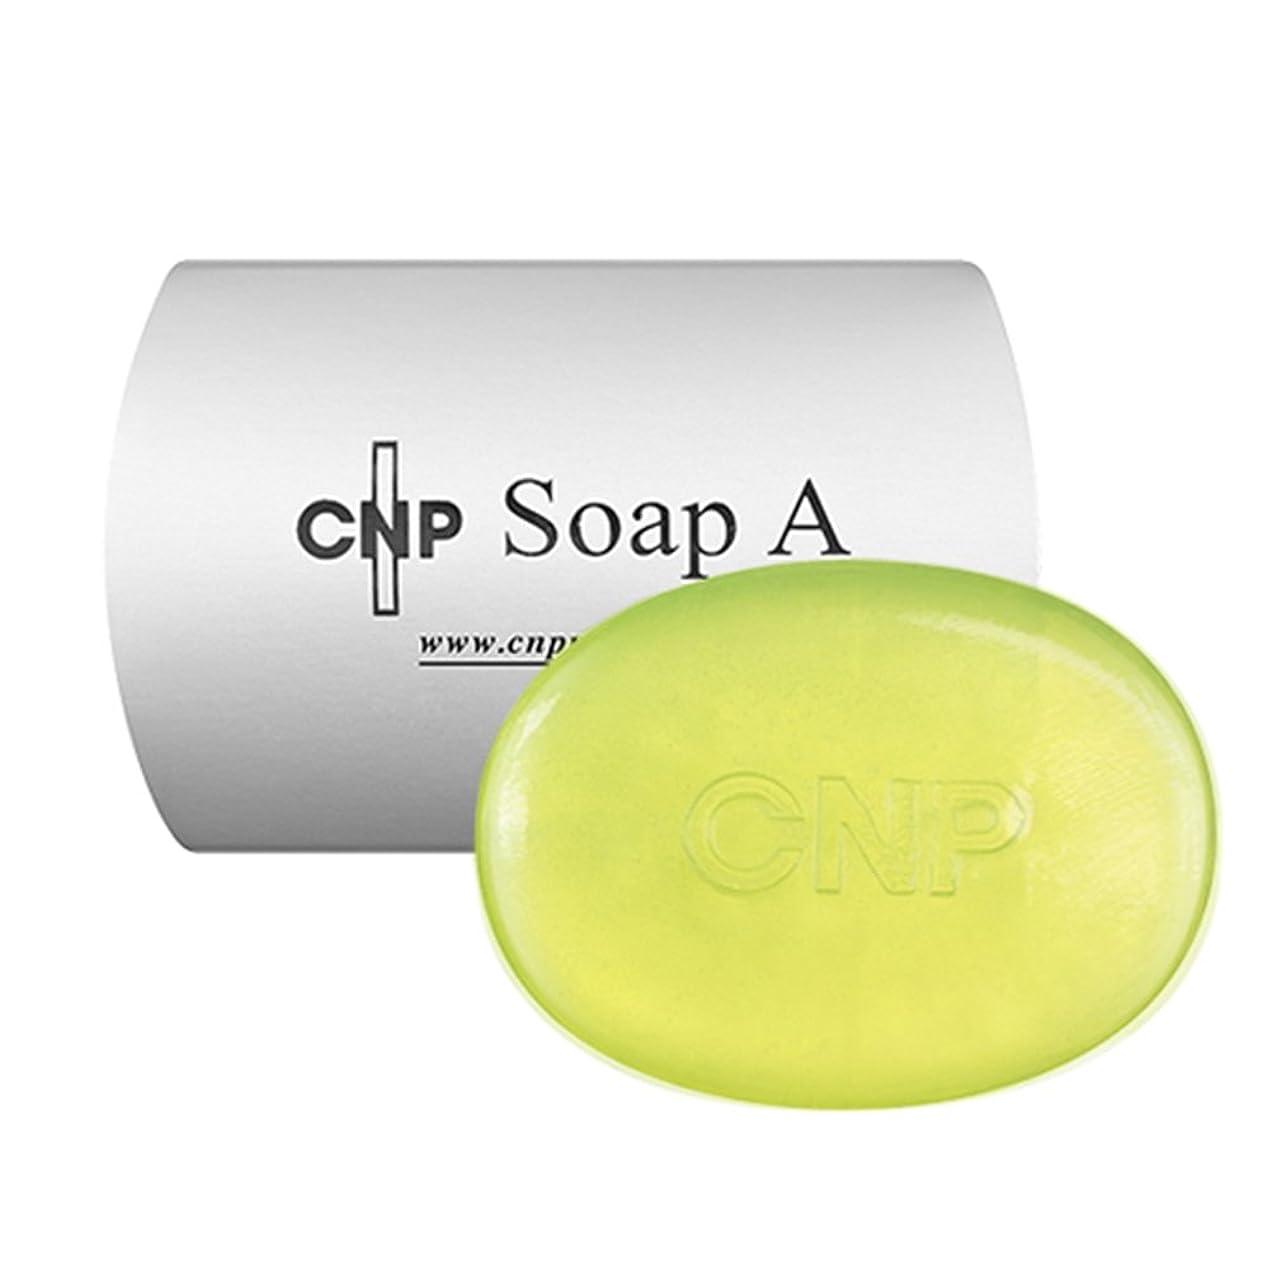 小数緩むしっとりCNP Soap A チャアンドパク ソープ A [並行輸入品]